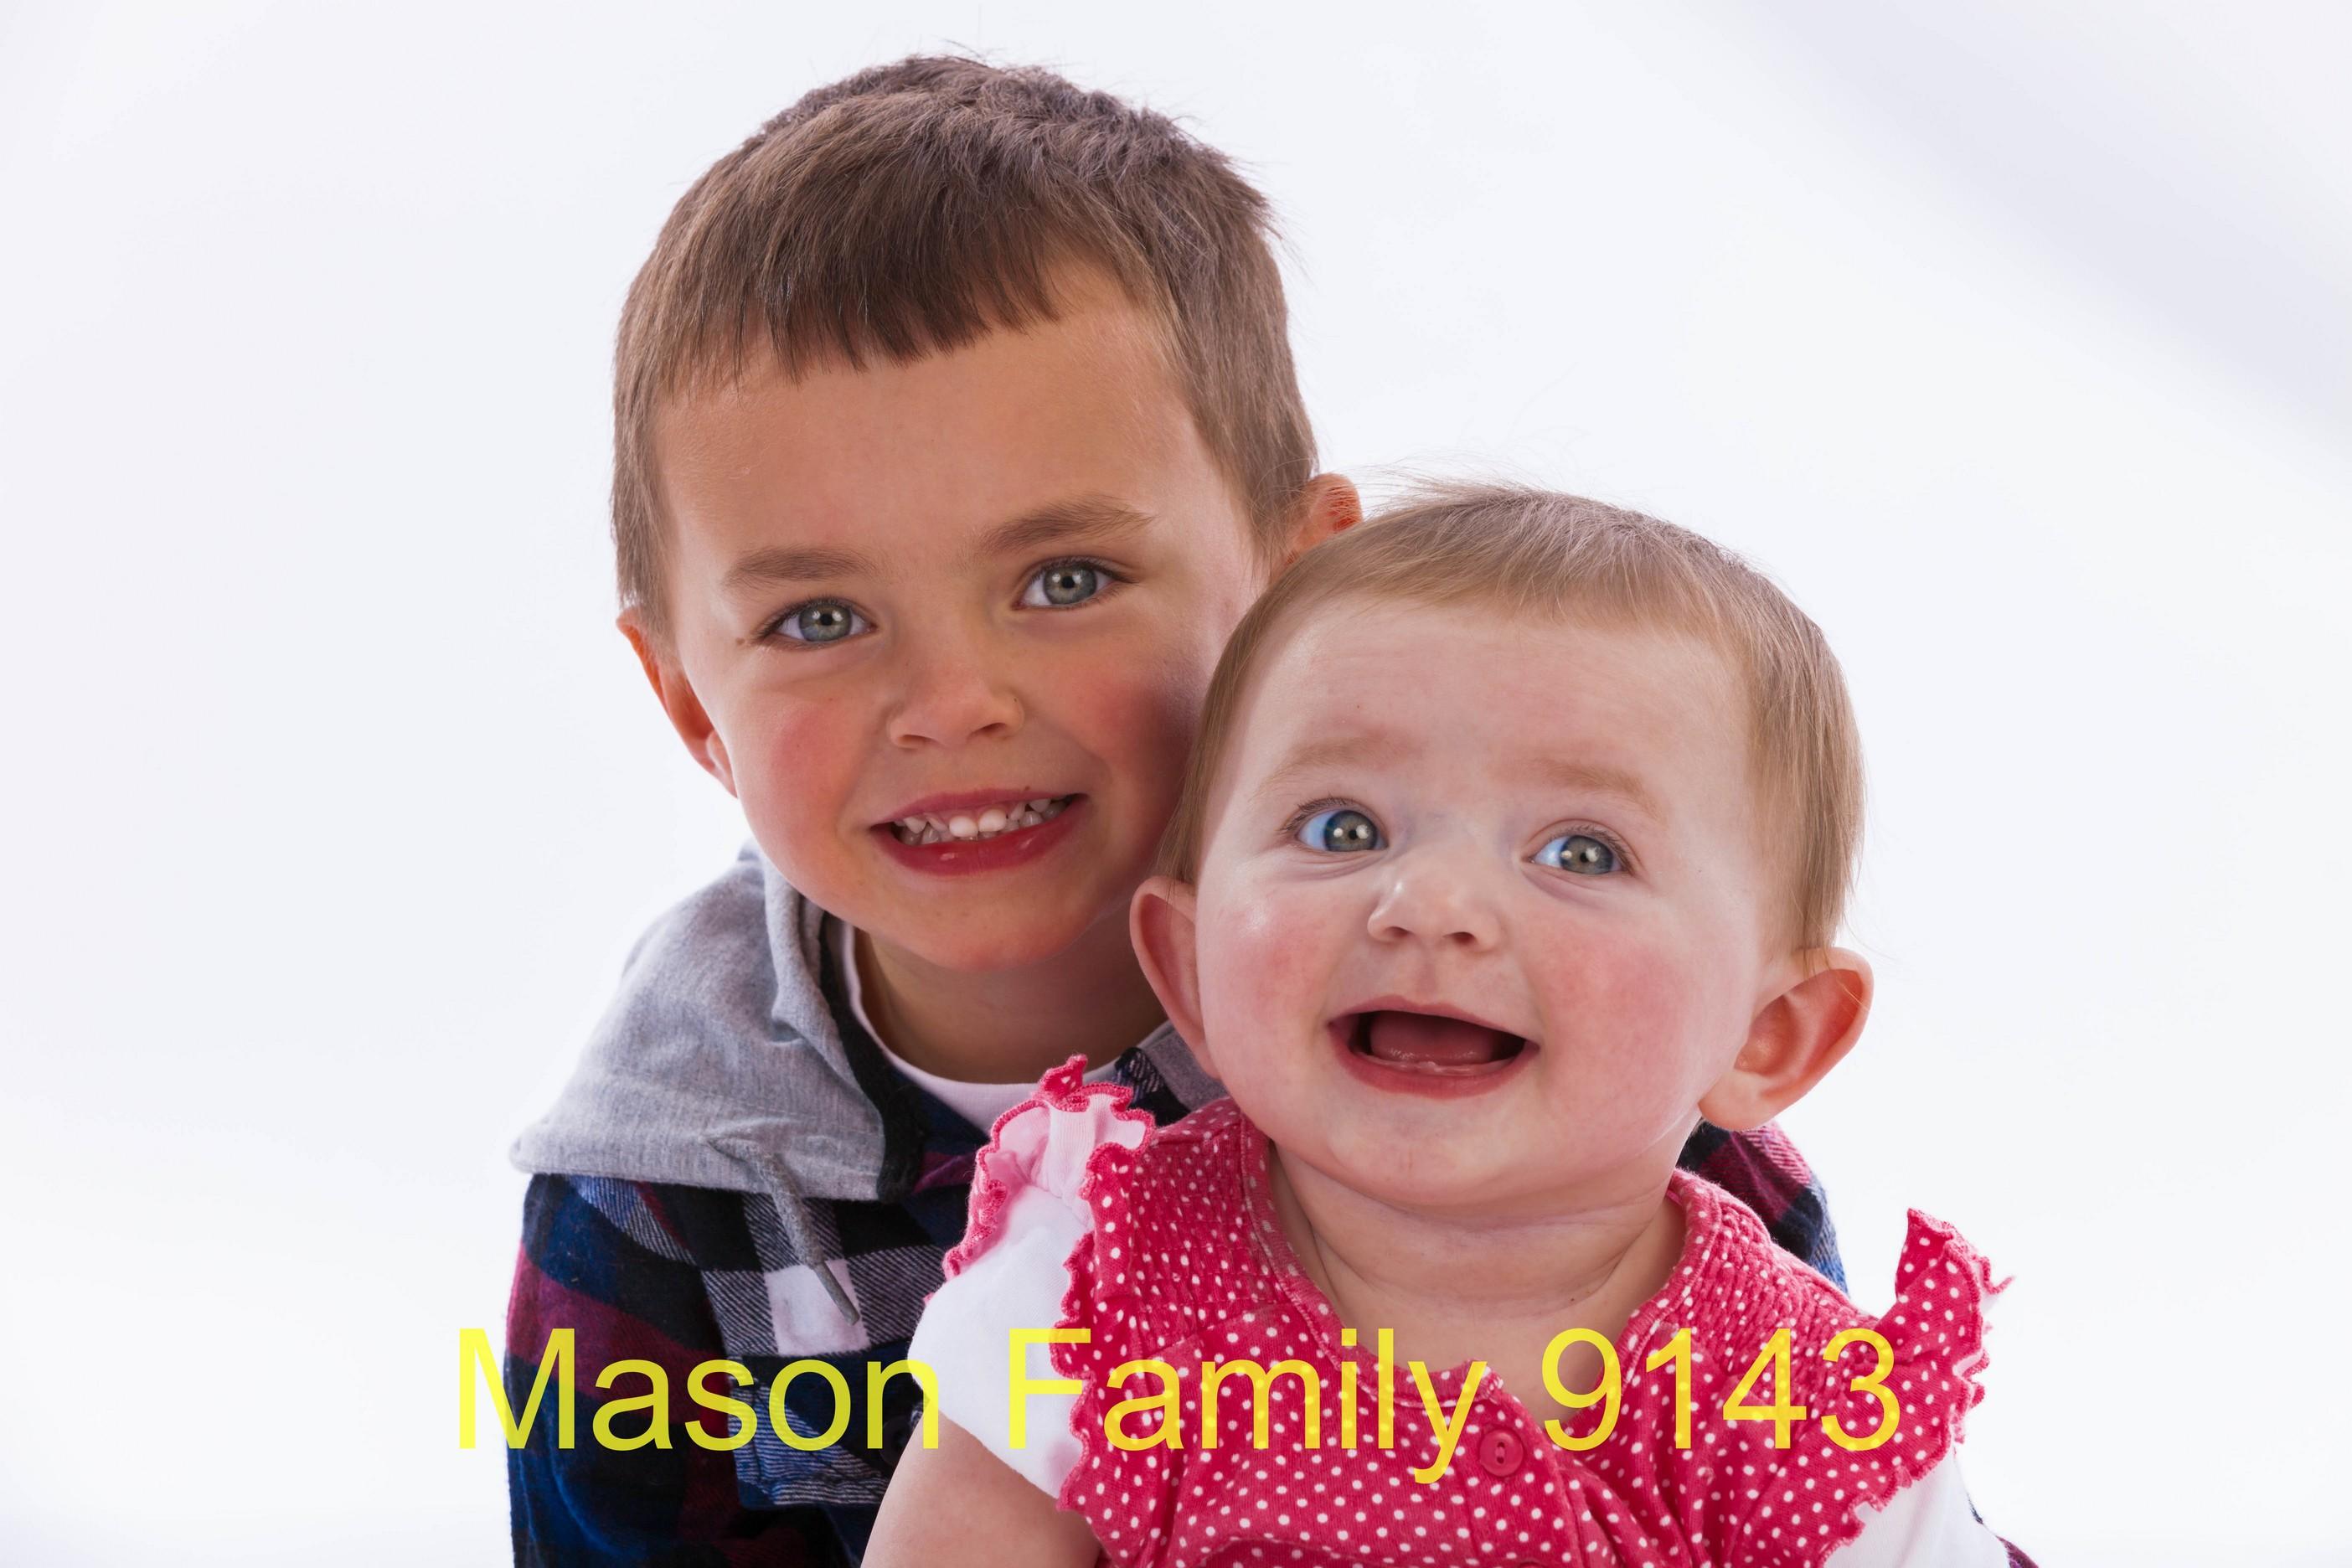 Mason Family 9143